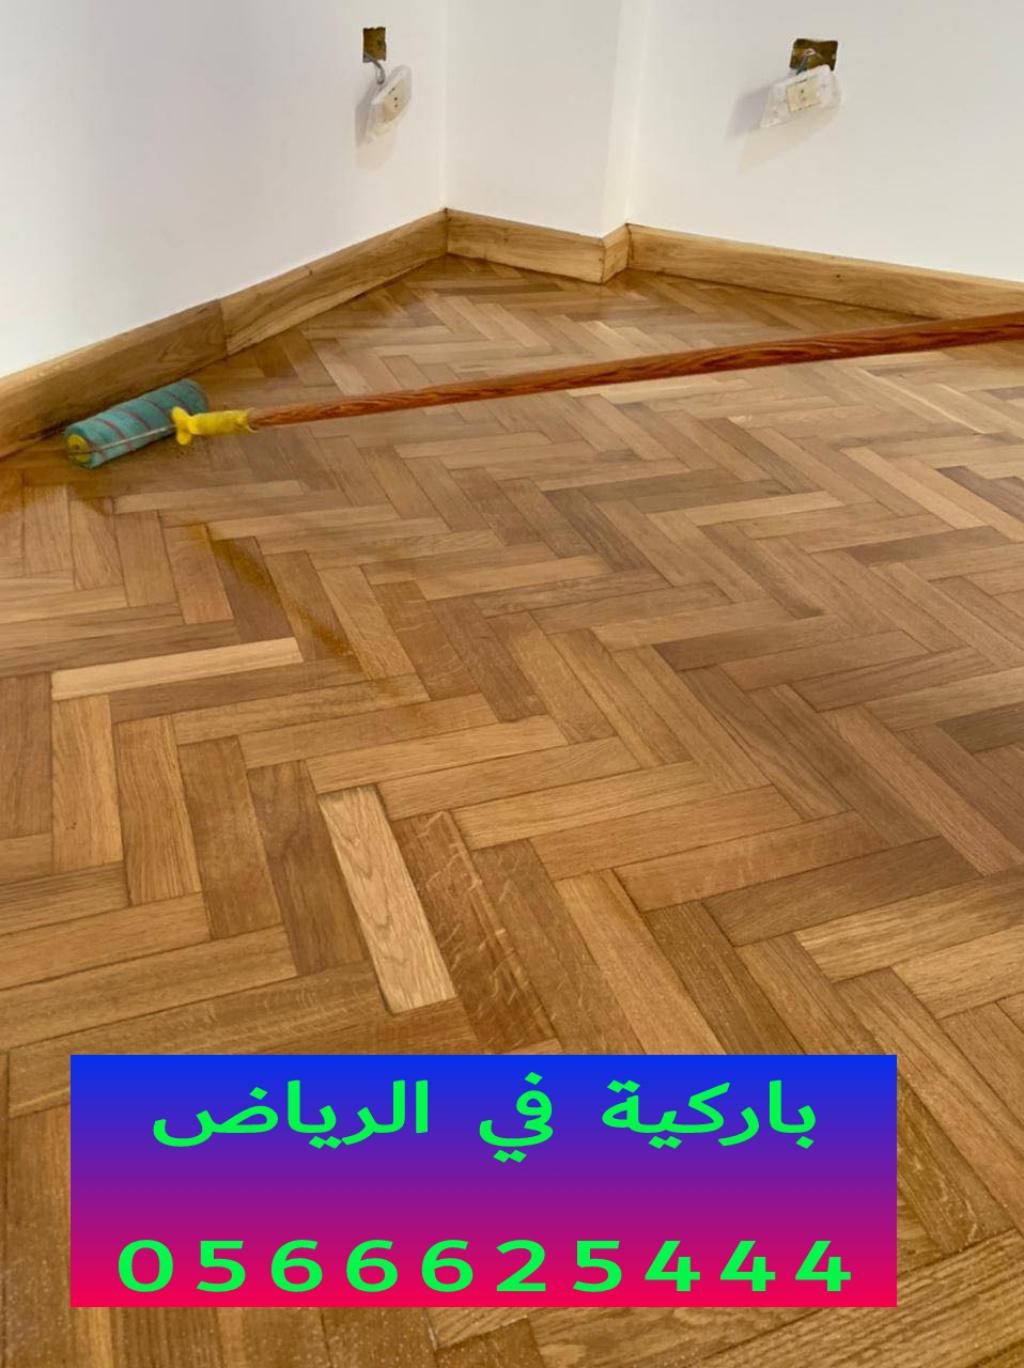 باركيه الرياض 0566625444 تركيب باركية p_192829yf28.jpg